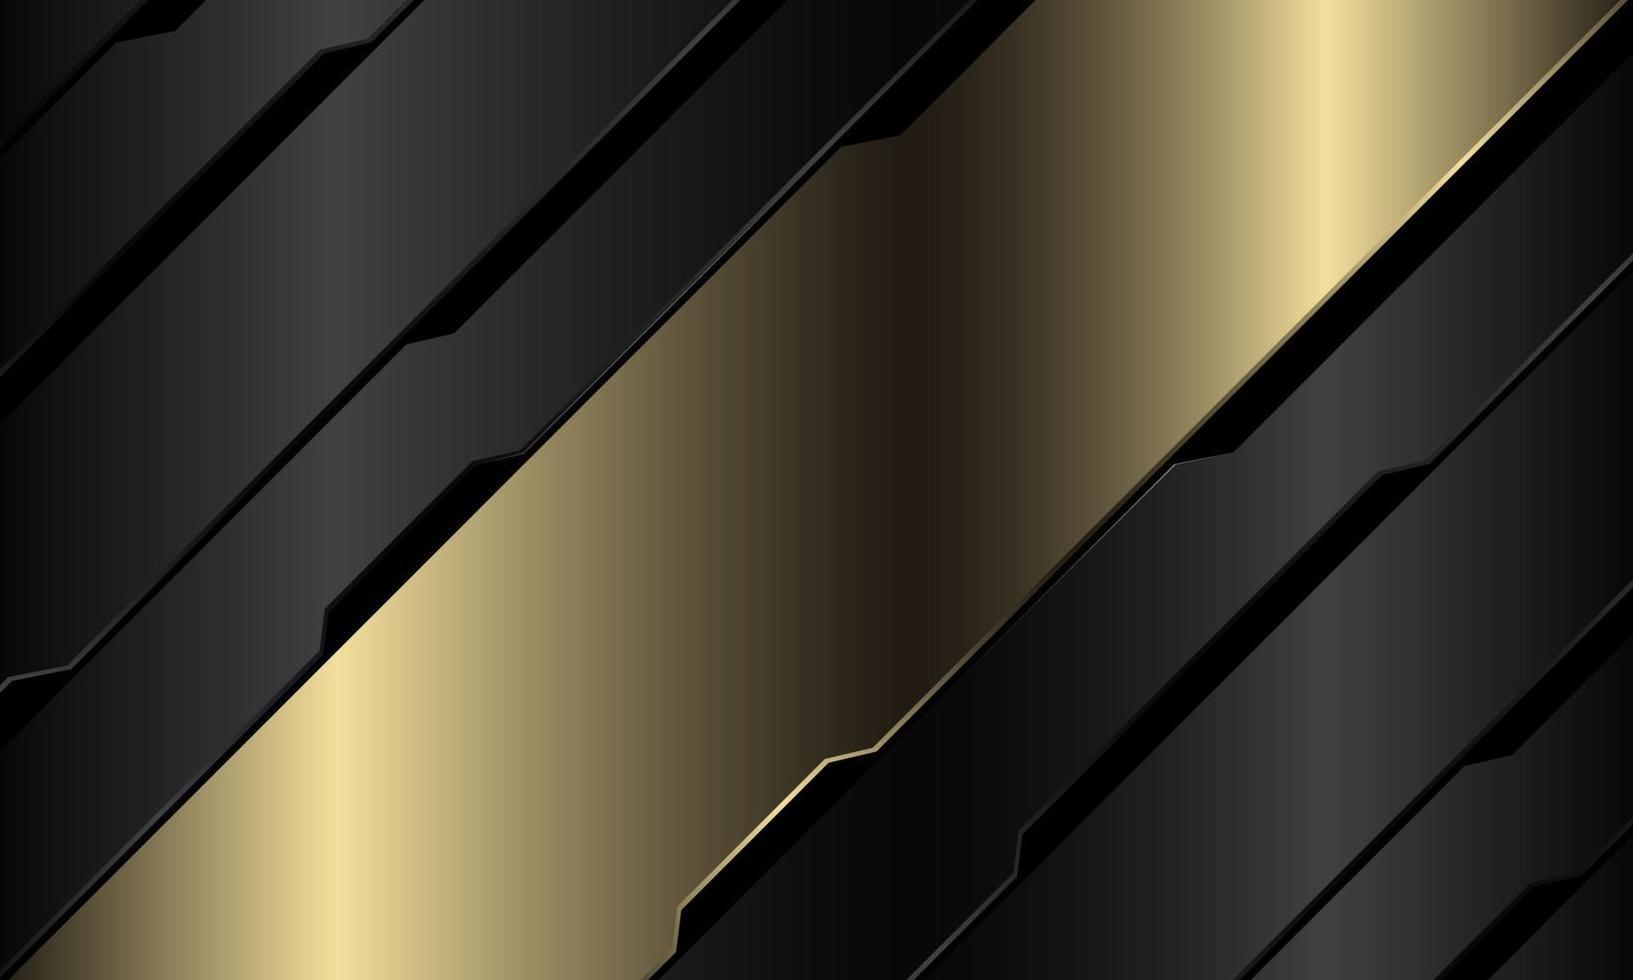 abstracte gouden banner grijs metallic zwart circuit cyber geometrische schuine streep ontwerp moderne luxe futuristische technologie achtergrond vectorillustratie. vector